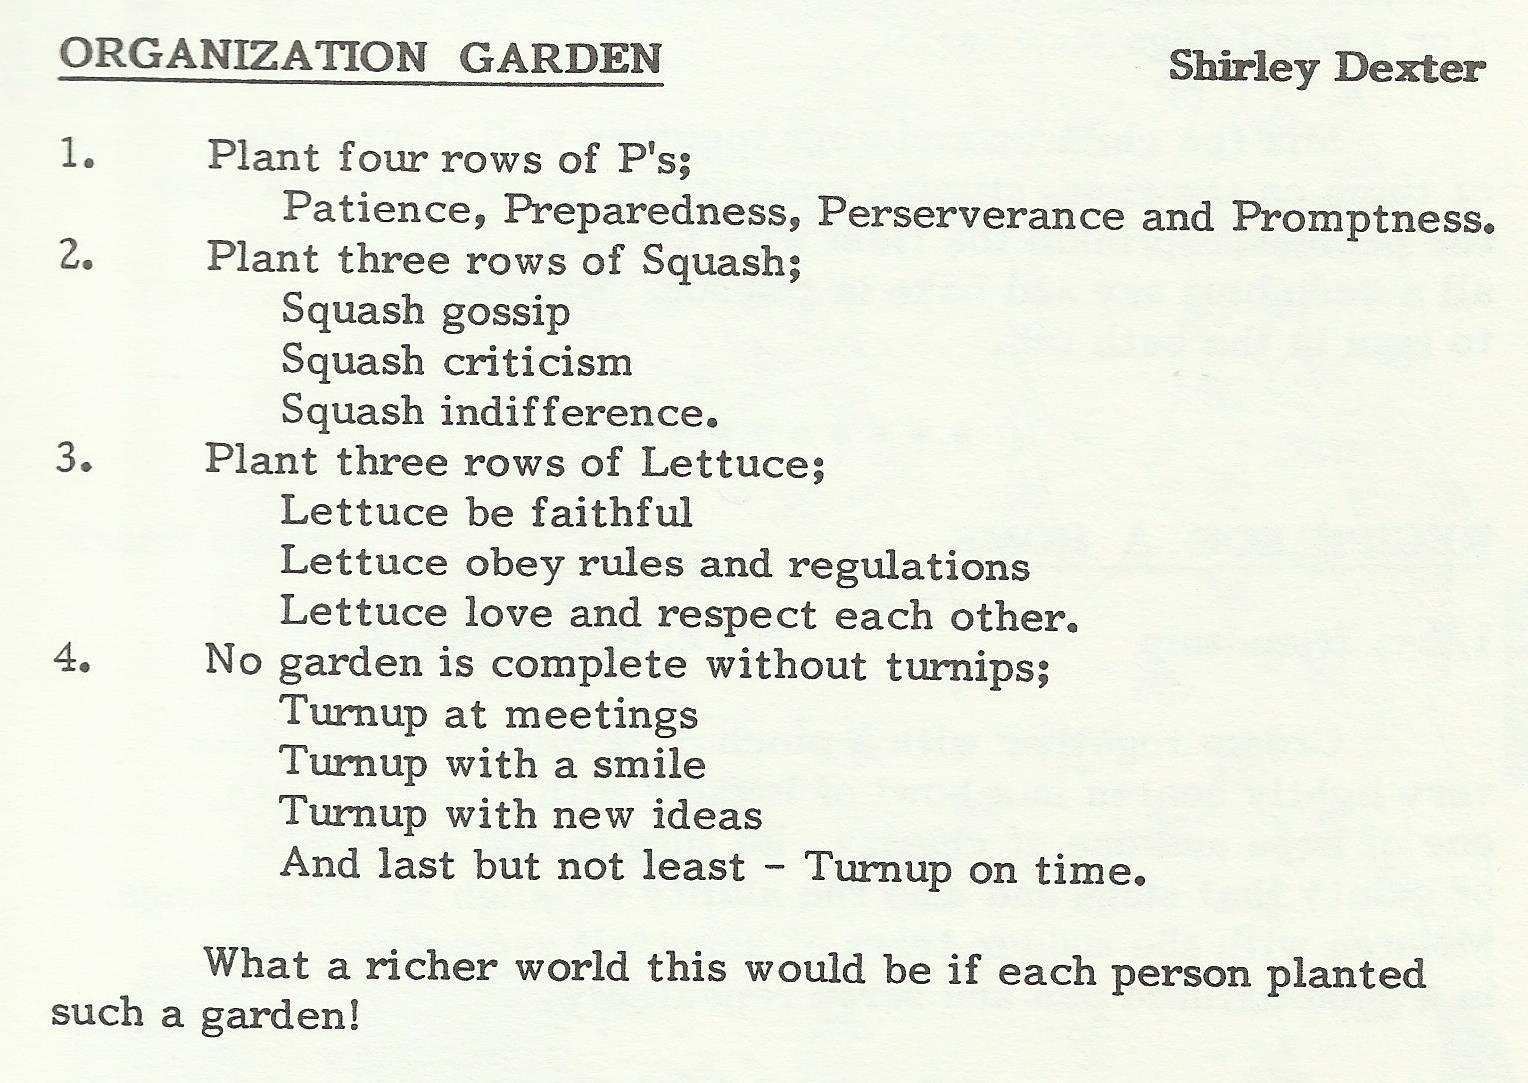 Organization Garden